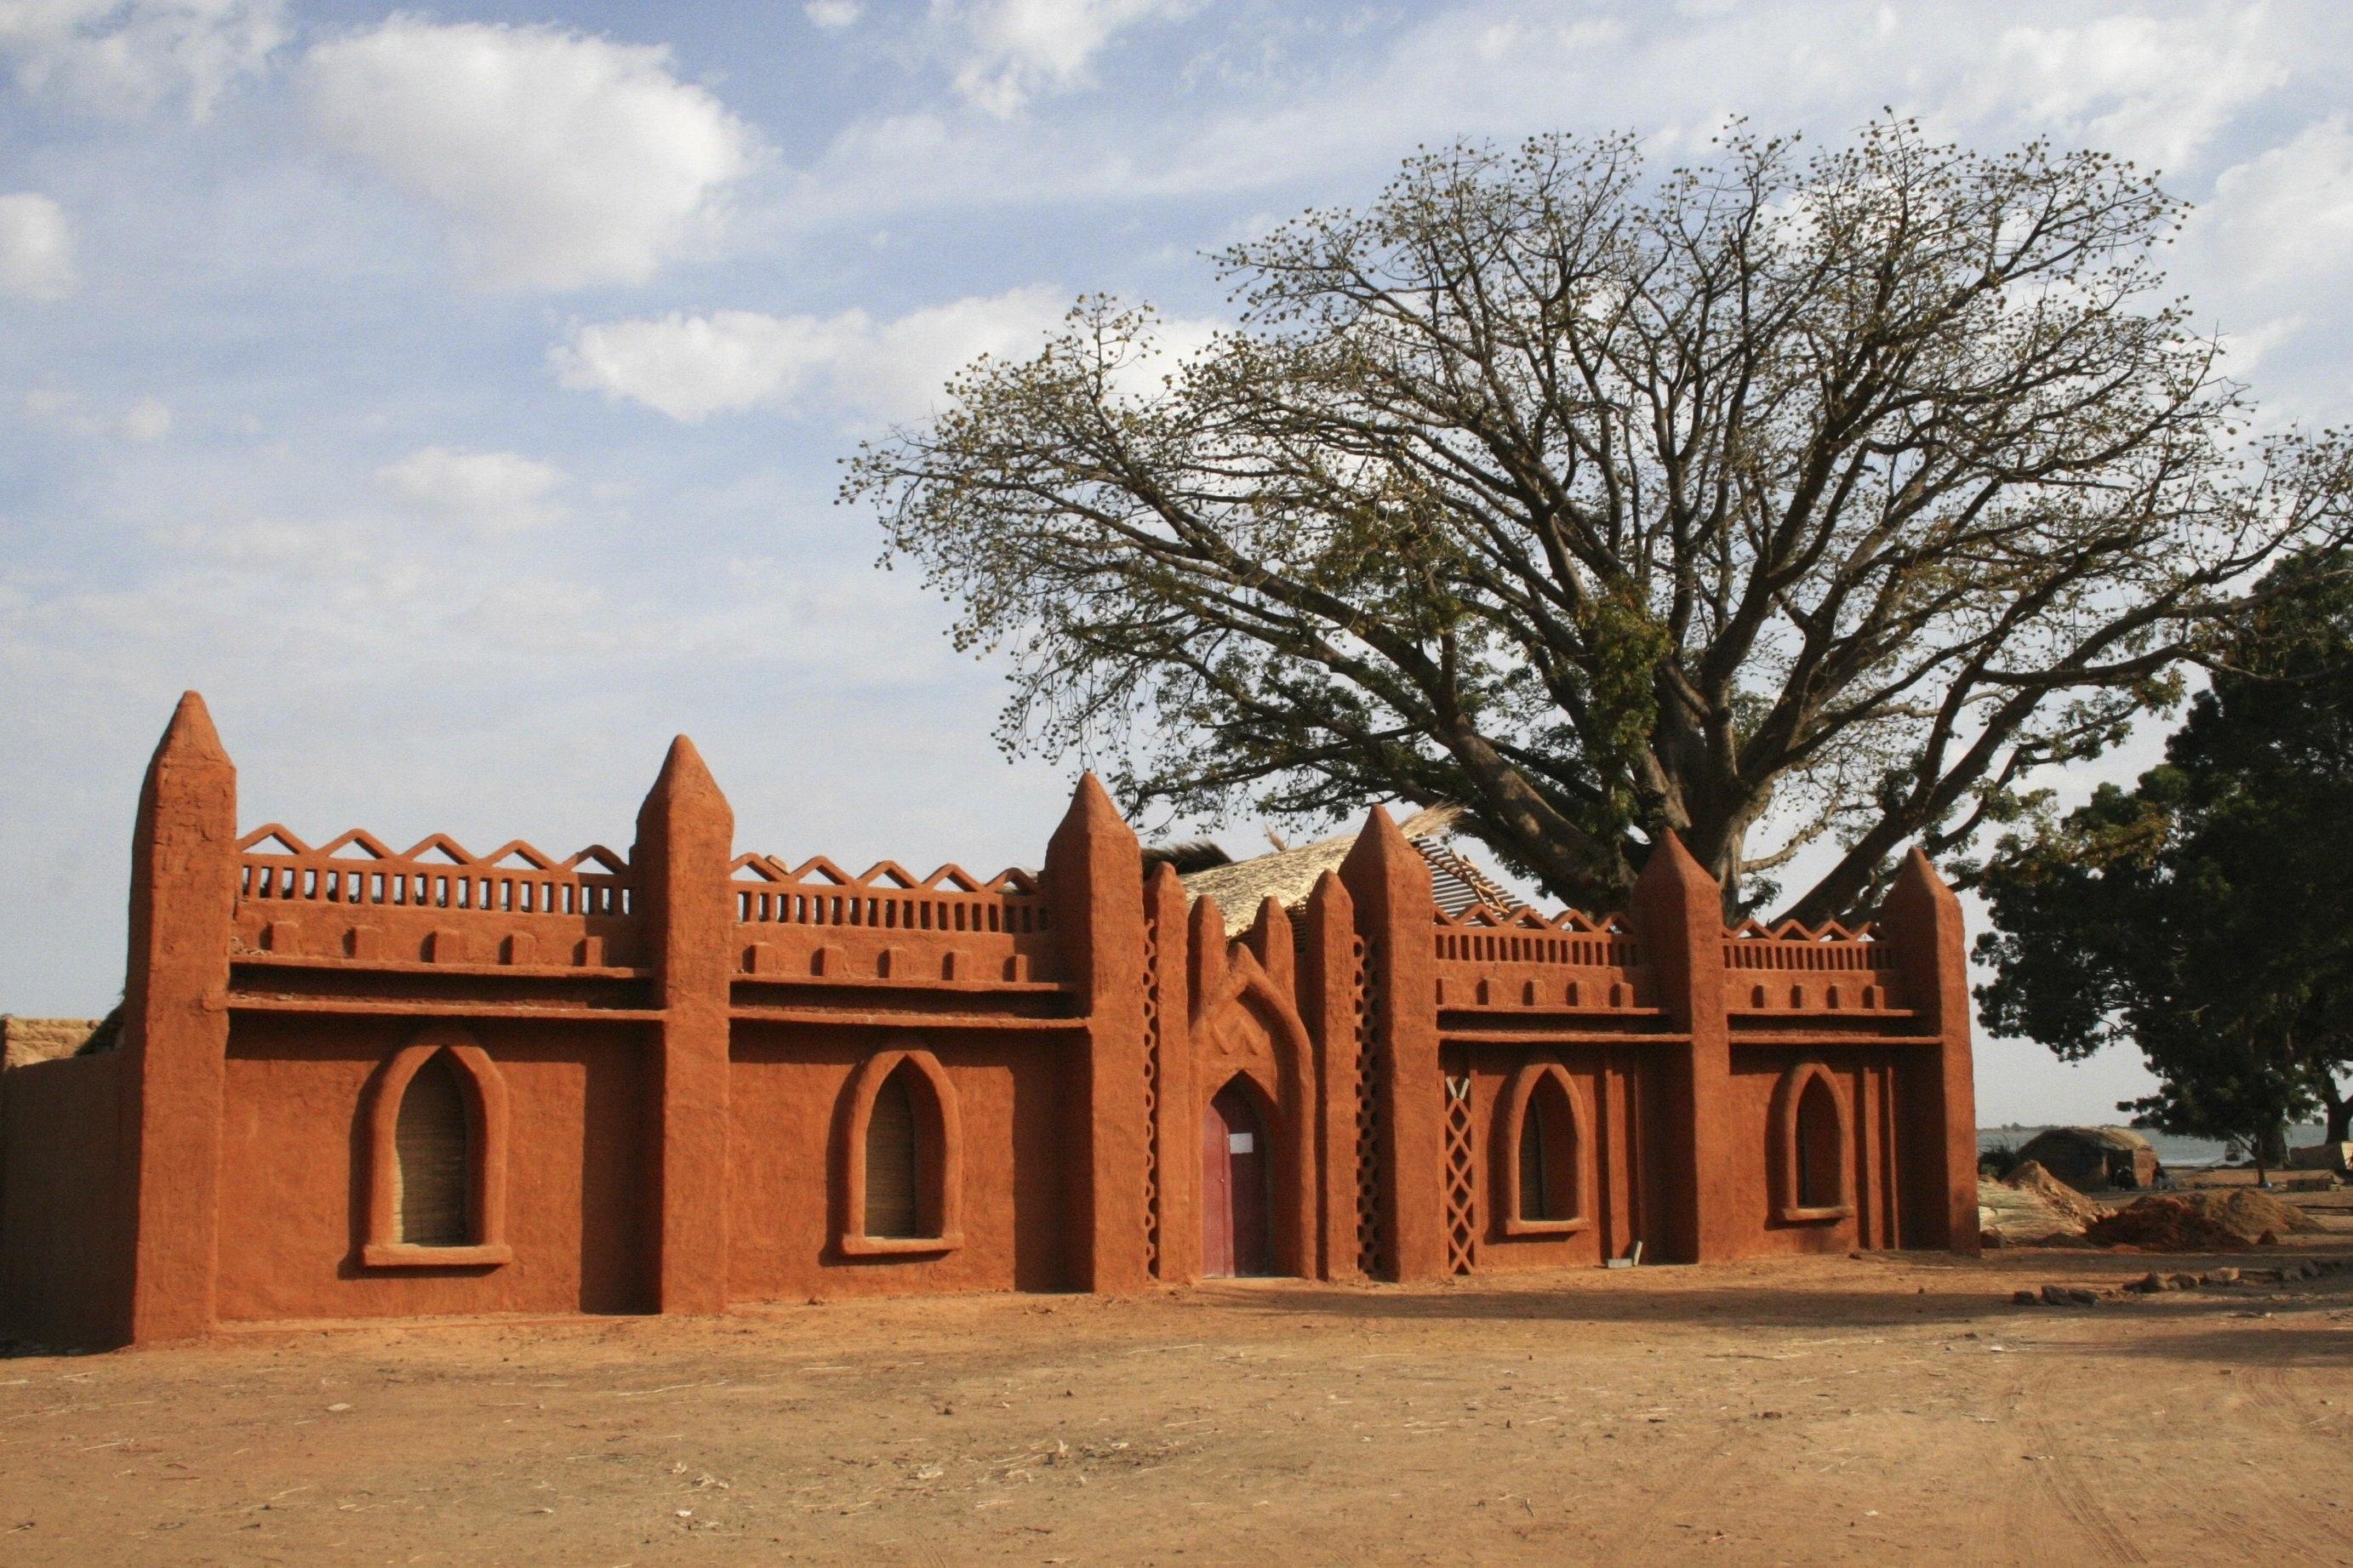 Traditional Segou, Niger